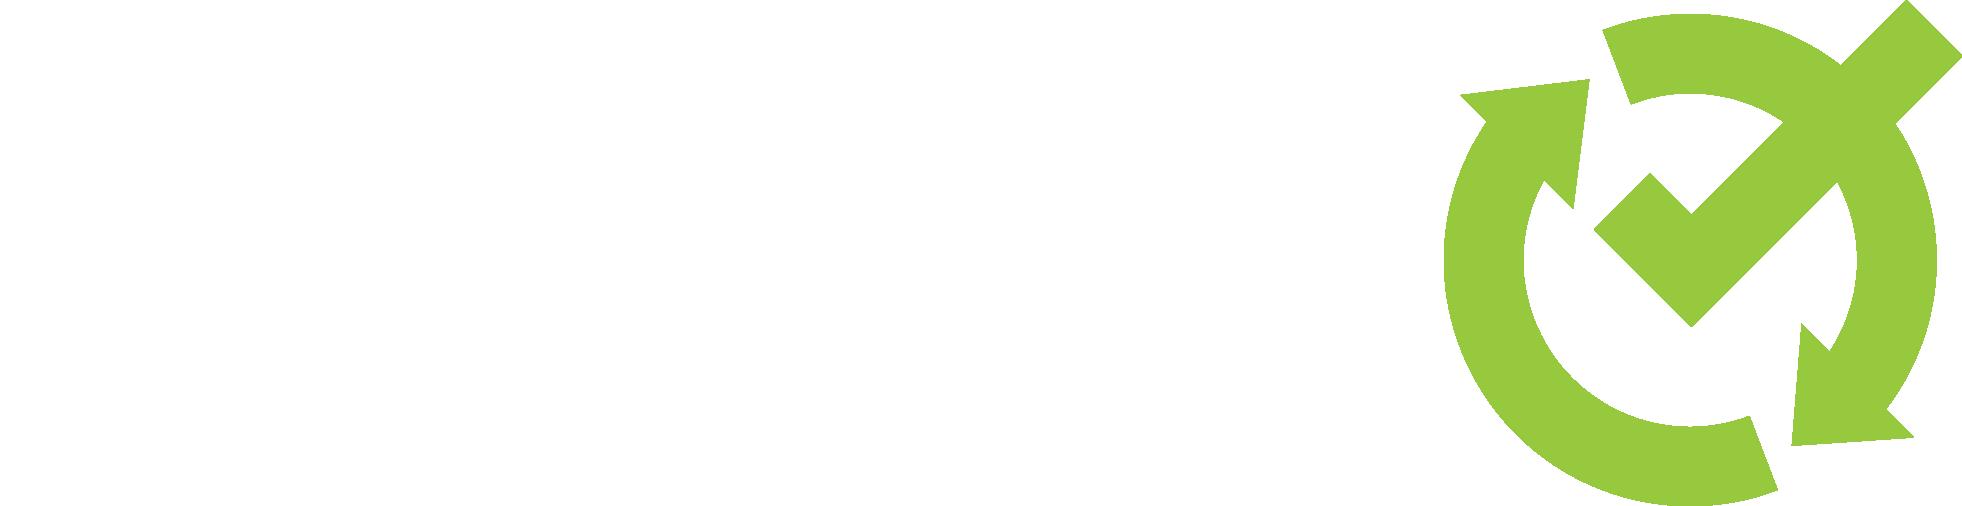 Logo de ProgressionLIVE